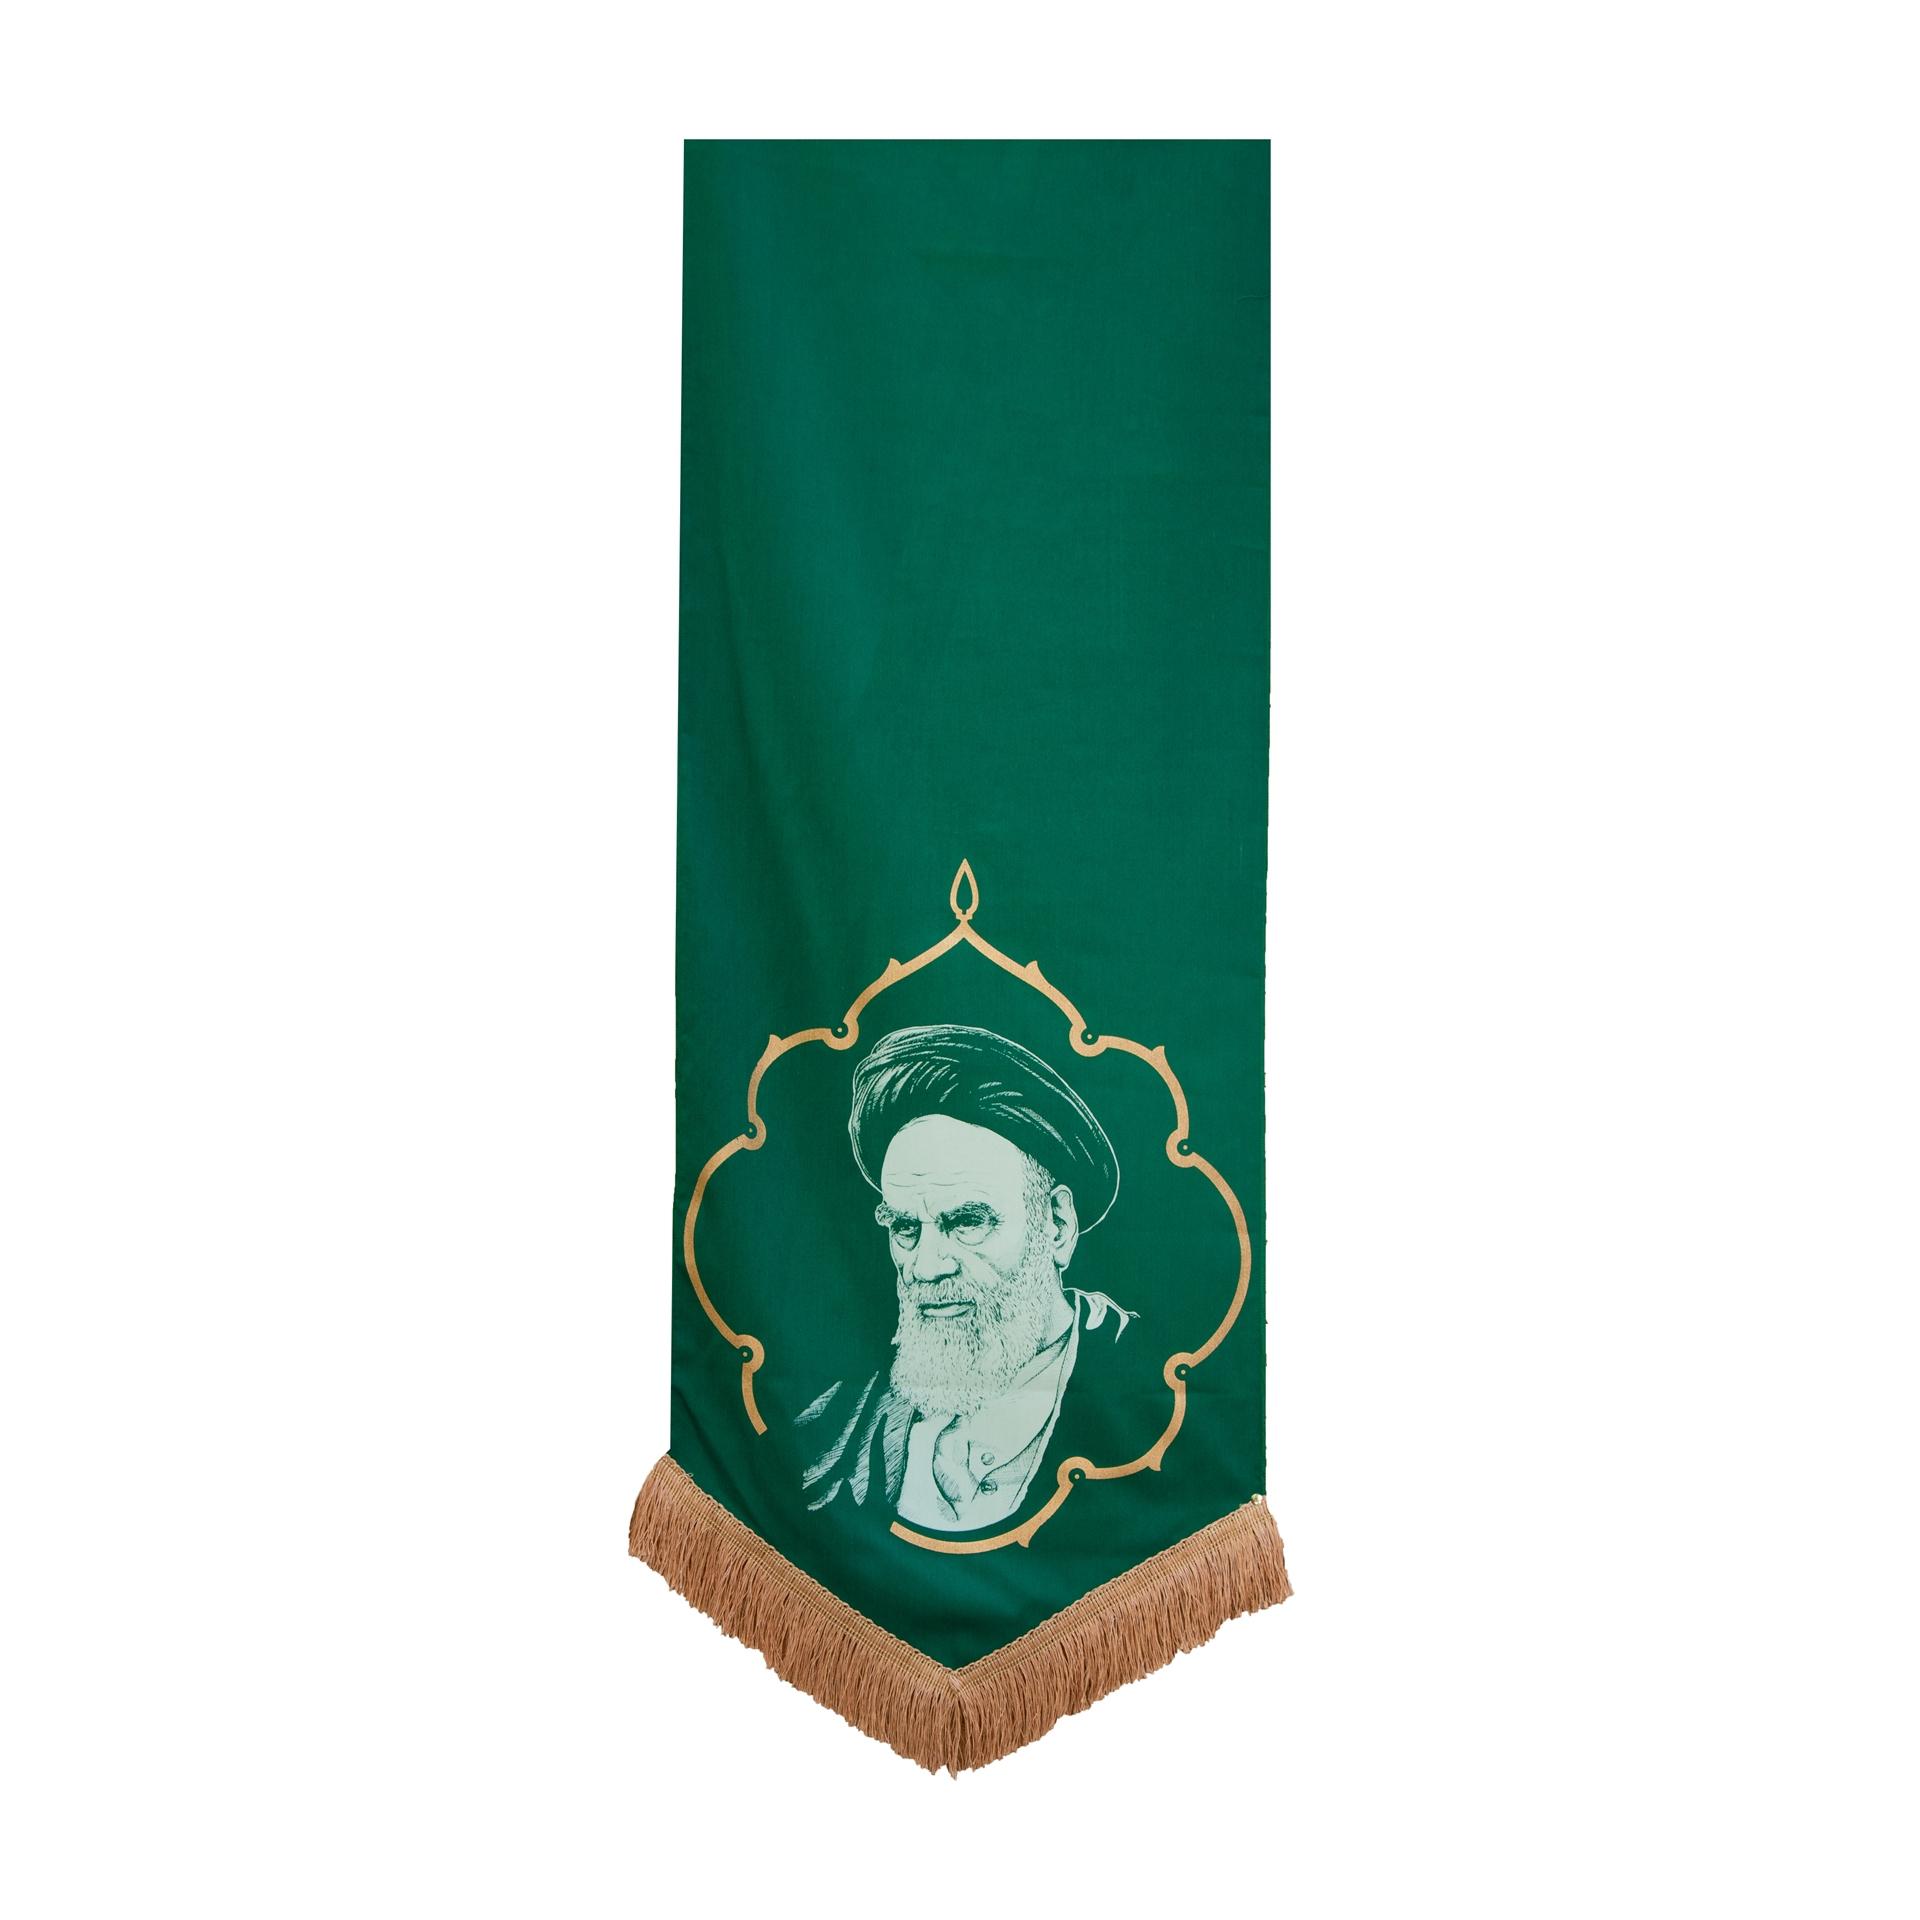 تصویر از بیرق طرح «تمثال امام خمینی» پارچه کج راه - سبز   اندازه۱۵۰×۵۰ سانتیمتر